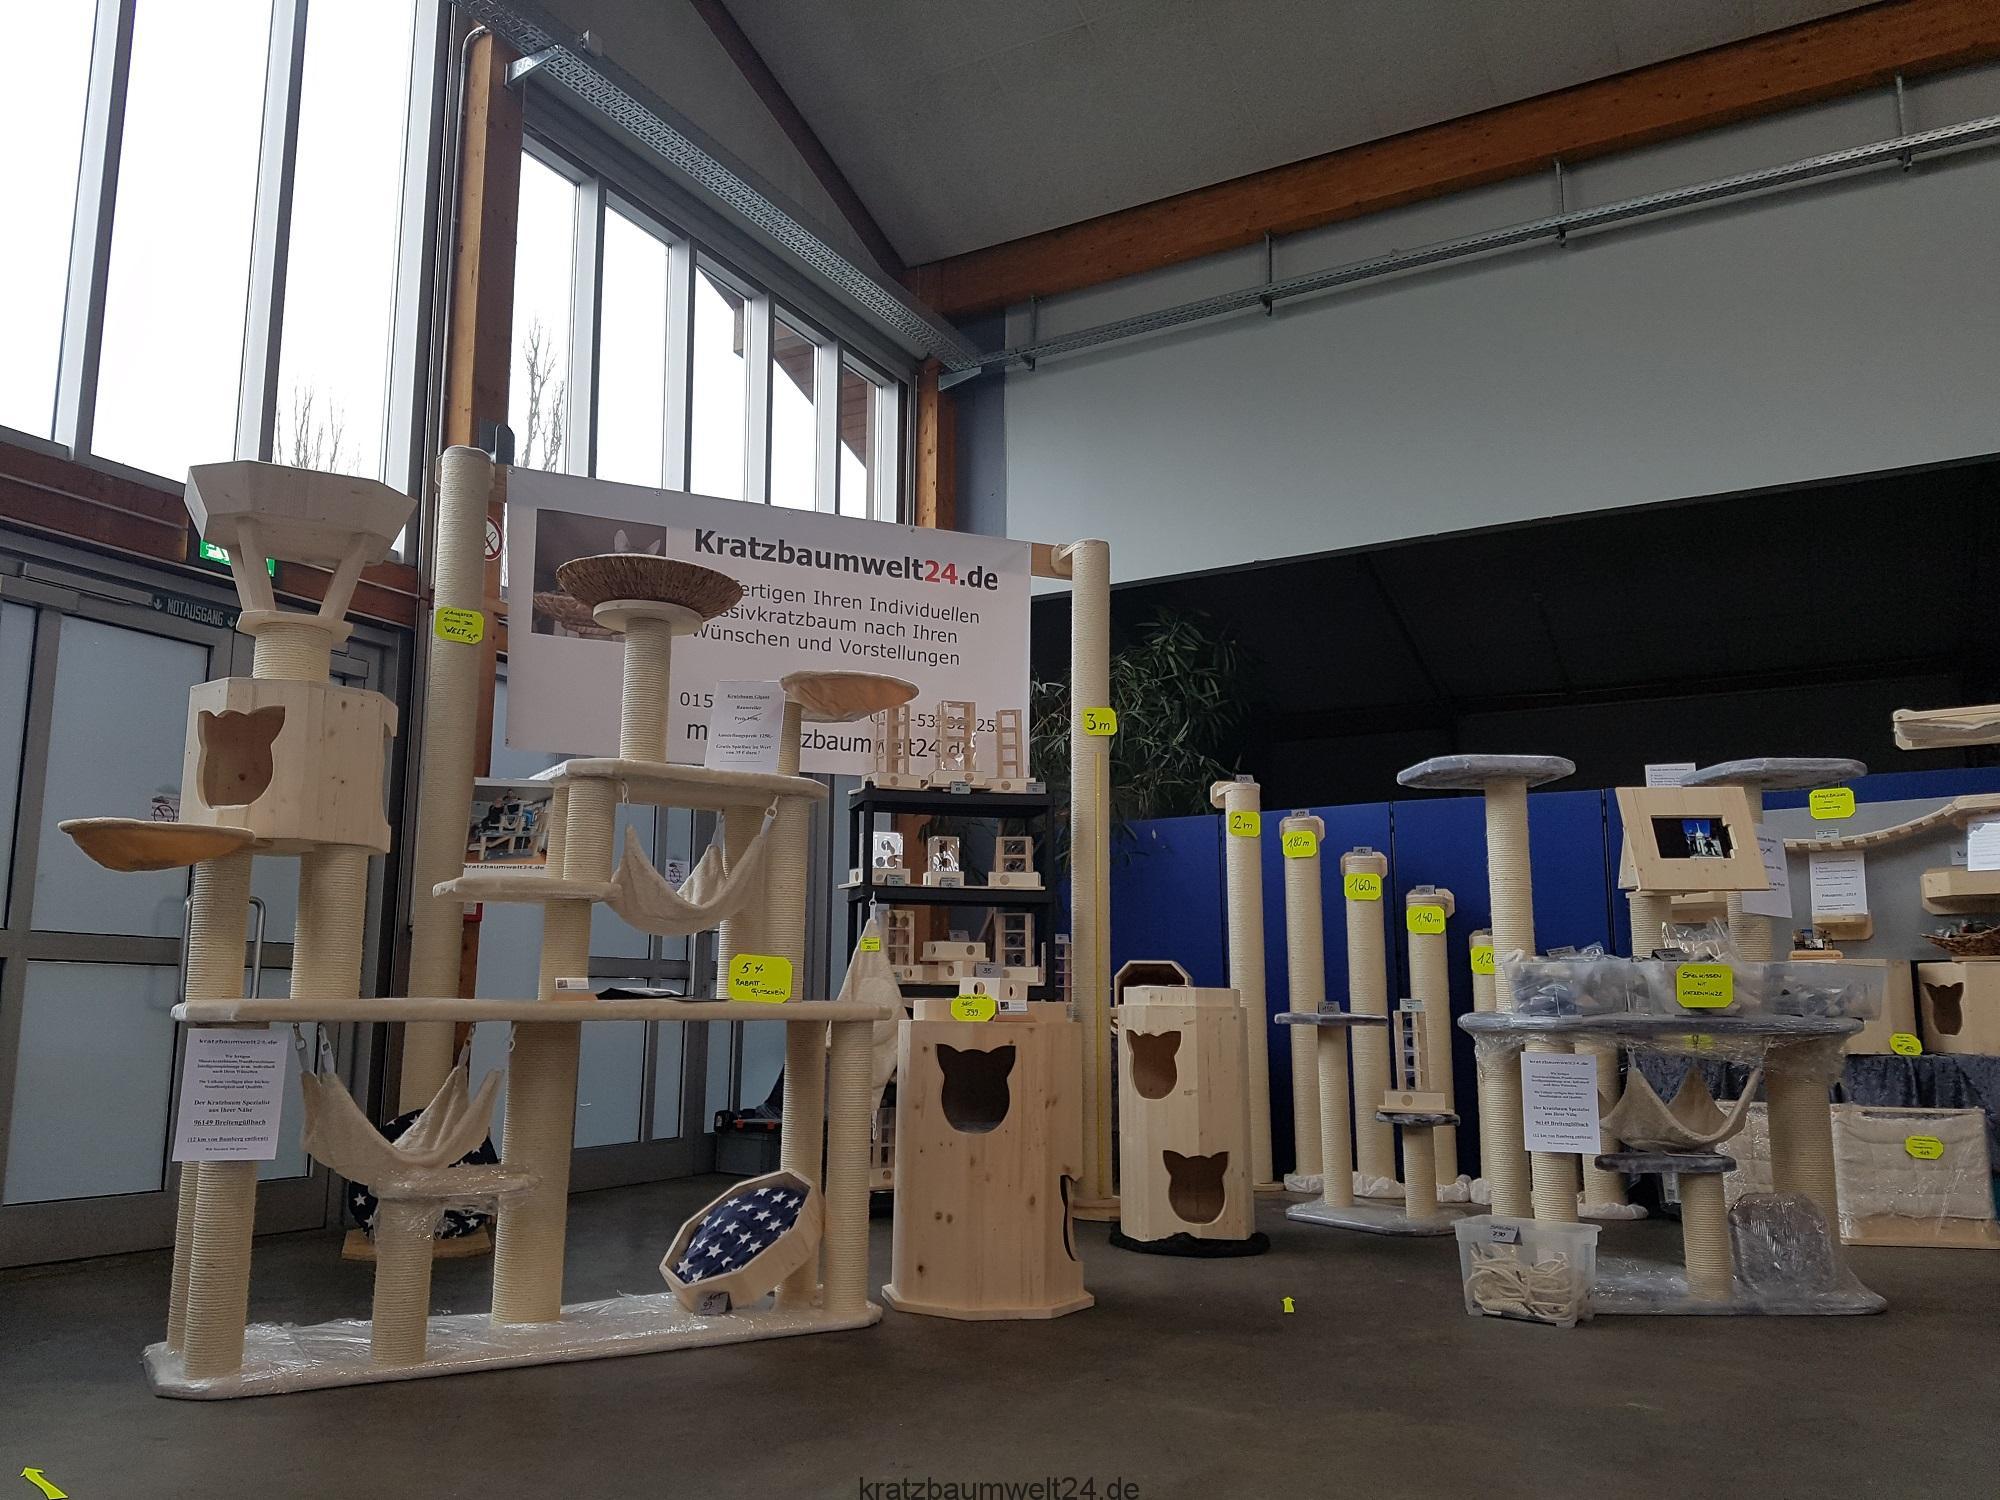 stabiler kratzbaum deckenspanner wandkratzbaum. Black Bedroom Furniture Sets. Home Design Ideas